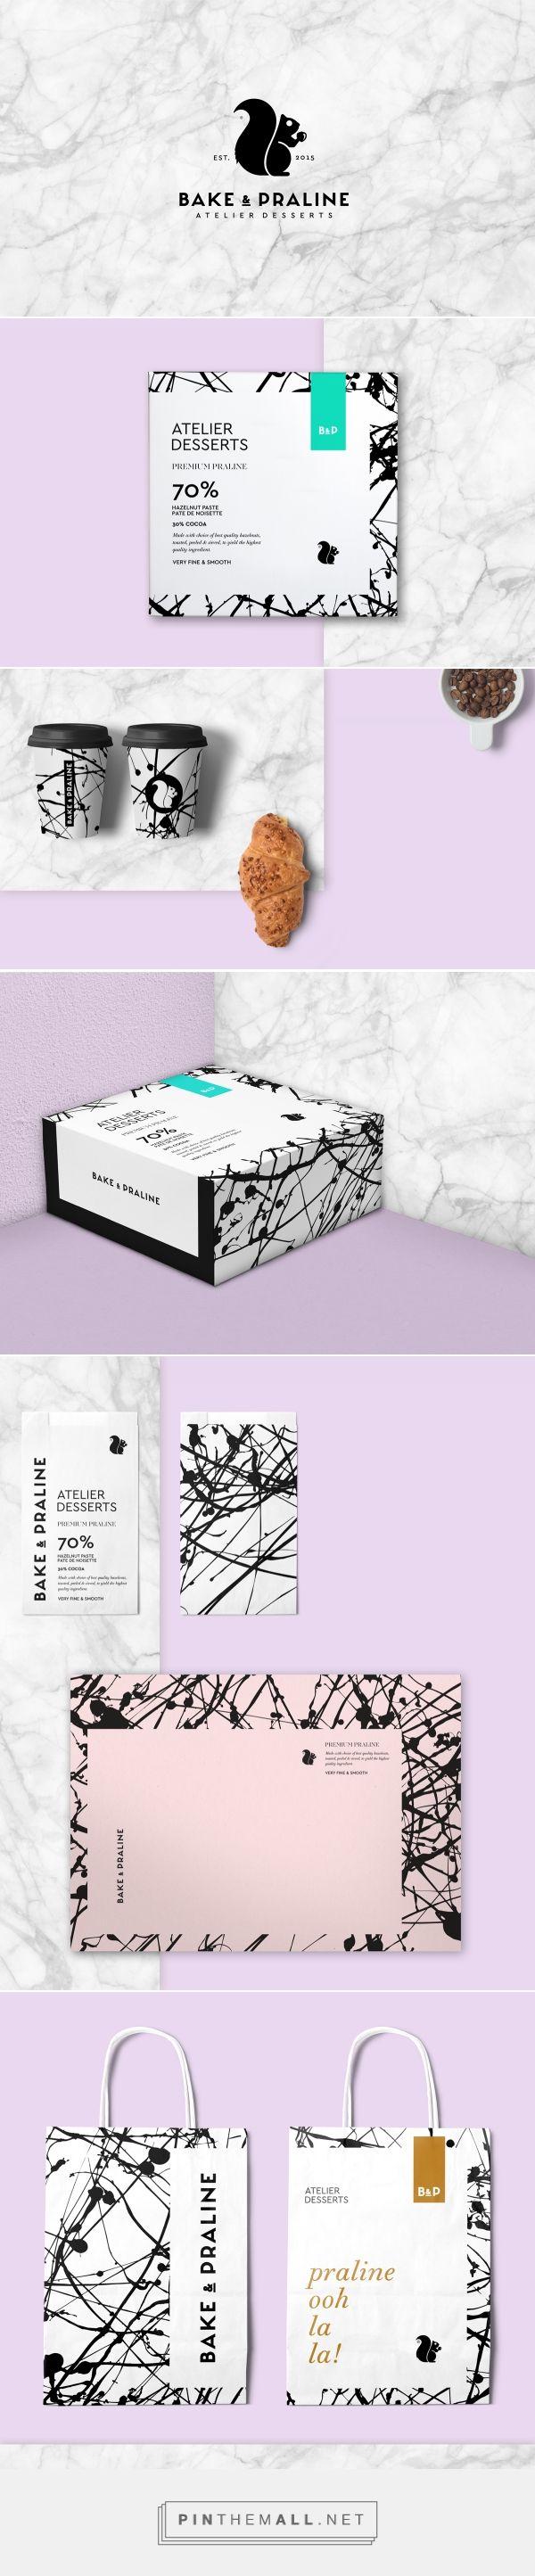 Bake & Praline Branding on Behance | Fivestar Branding – Design and Branding Agency & Inspiration Gallery